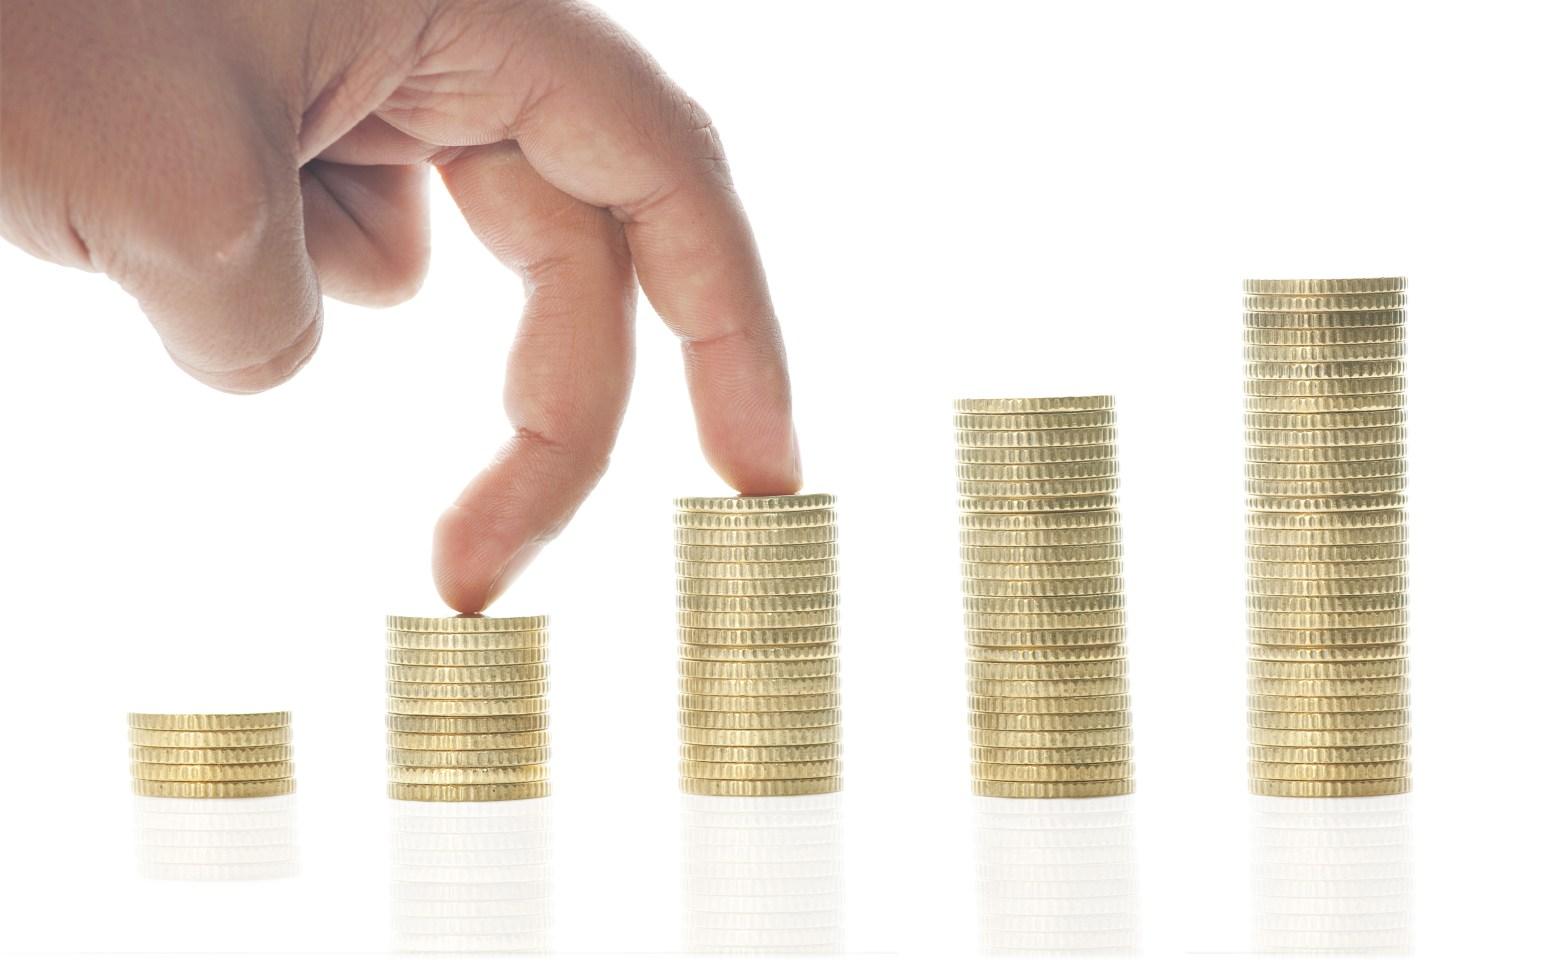 nämä 5 steppiä jokaisen tarvitsee ottaa tullakseen miljonääriksi